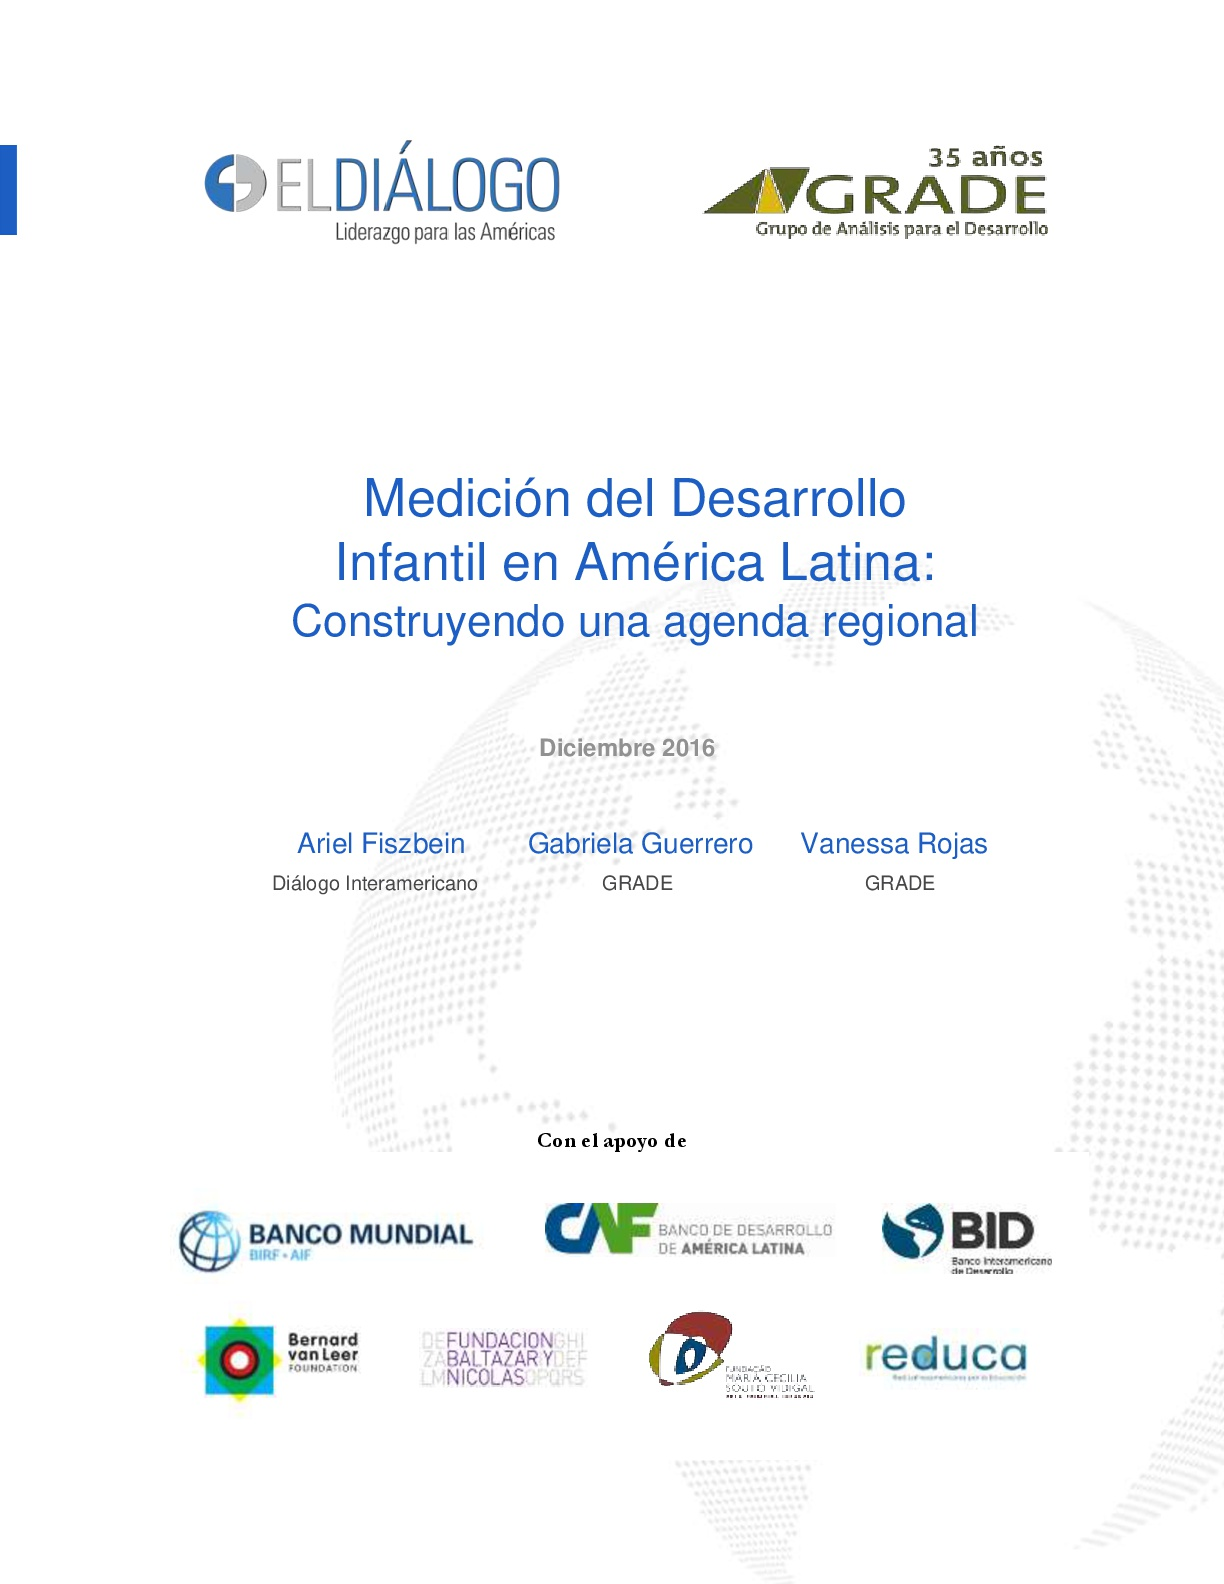 Medición del desarrollo infantil en América Latina: Construyendo una agenda regional